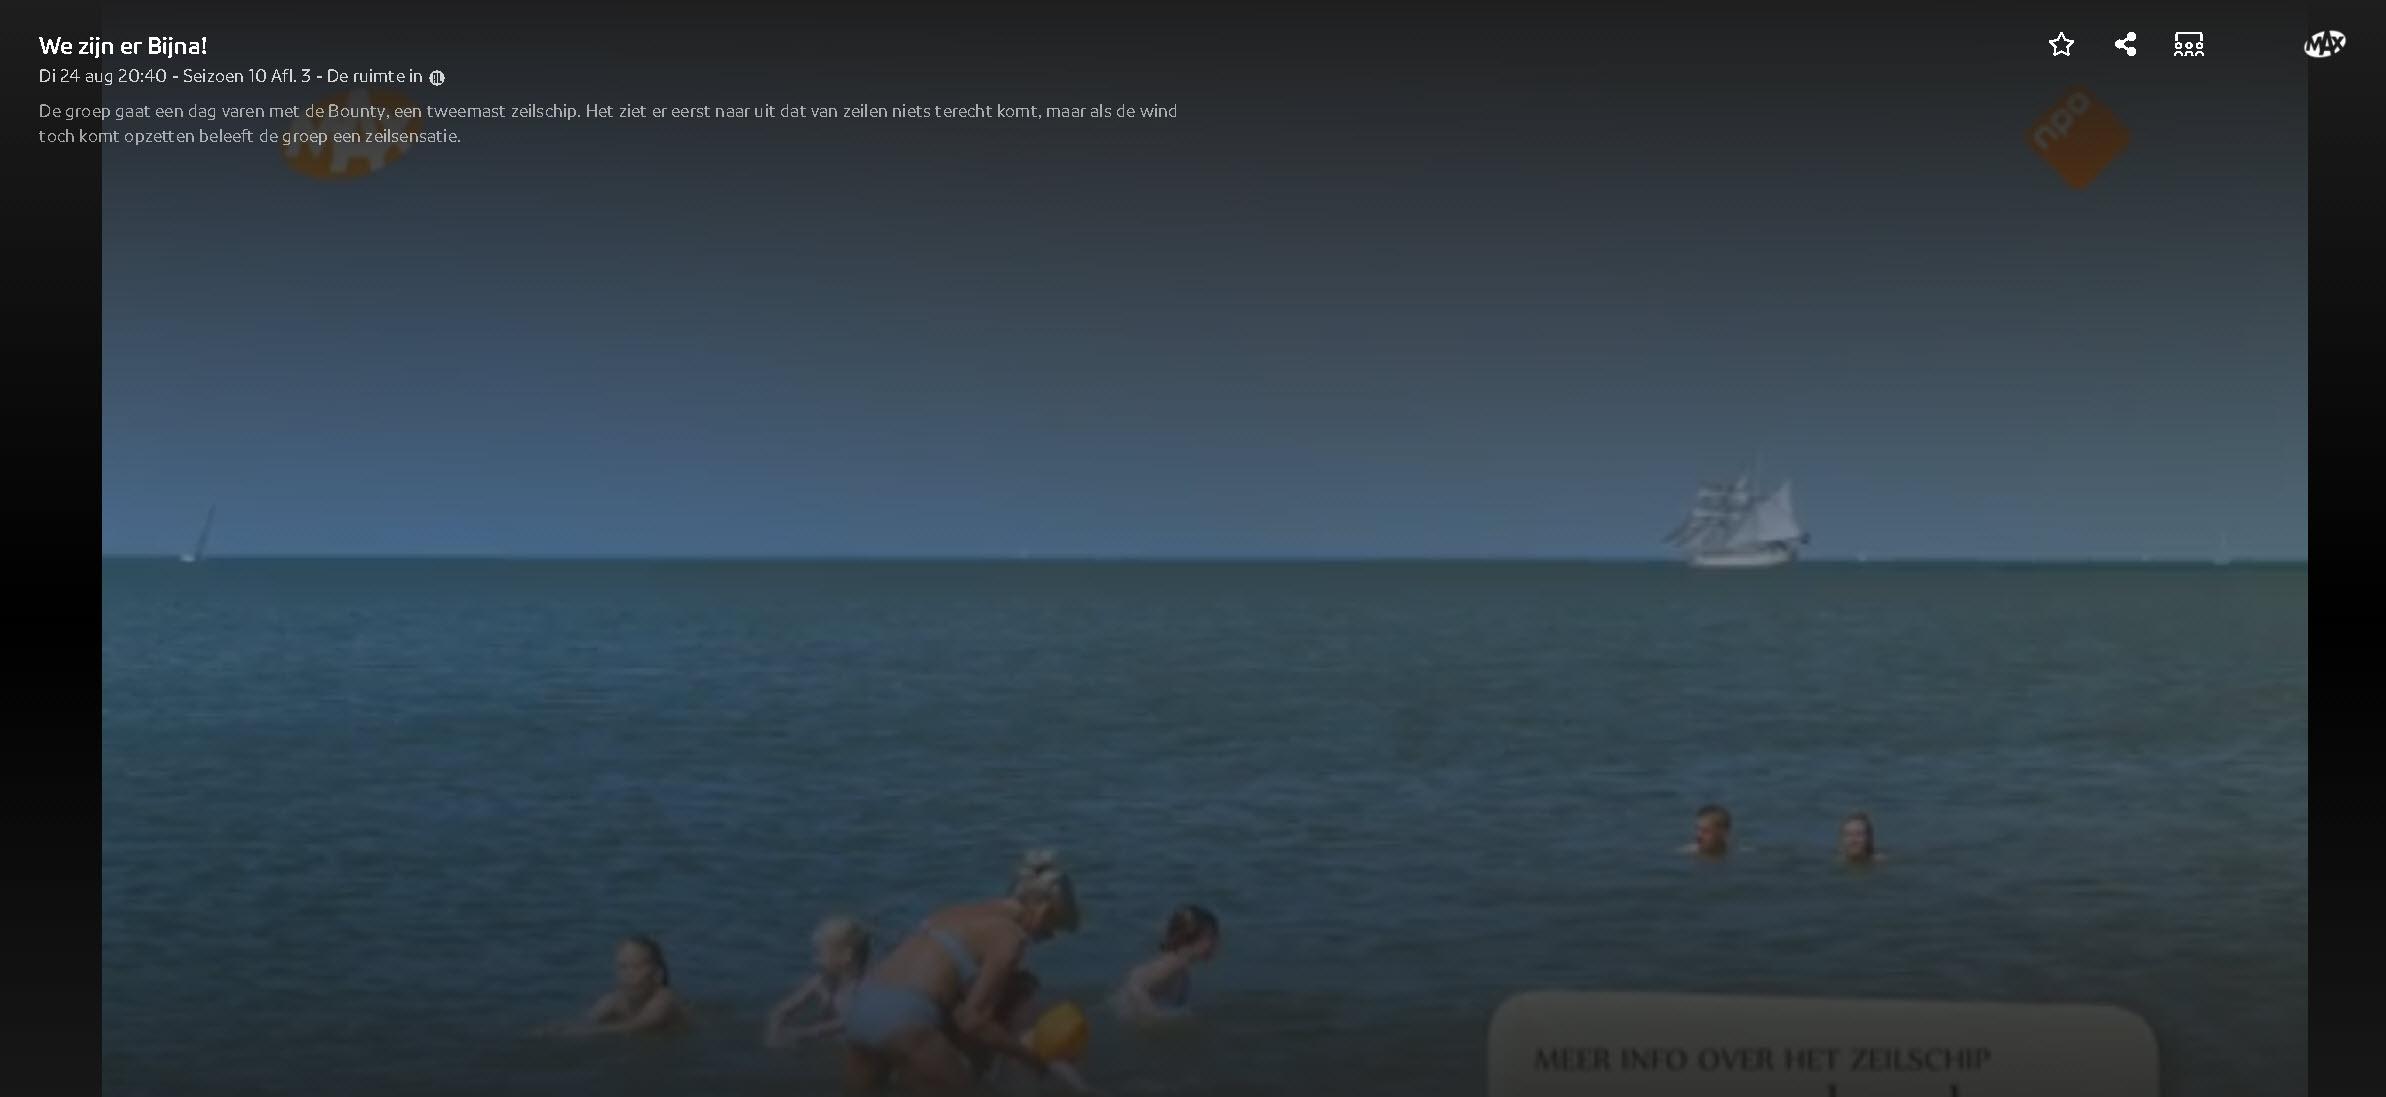 TV-uitzending-zeilschip-Bounty-We-zijn-er-bijna-10